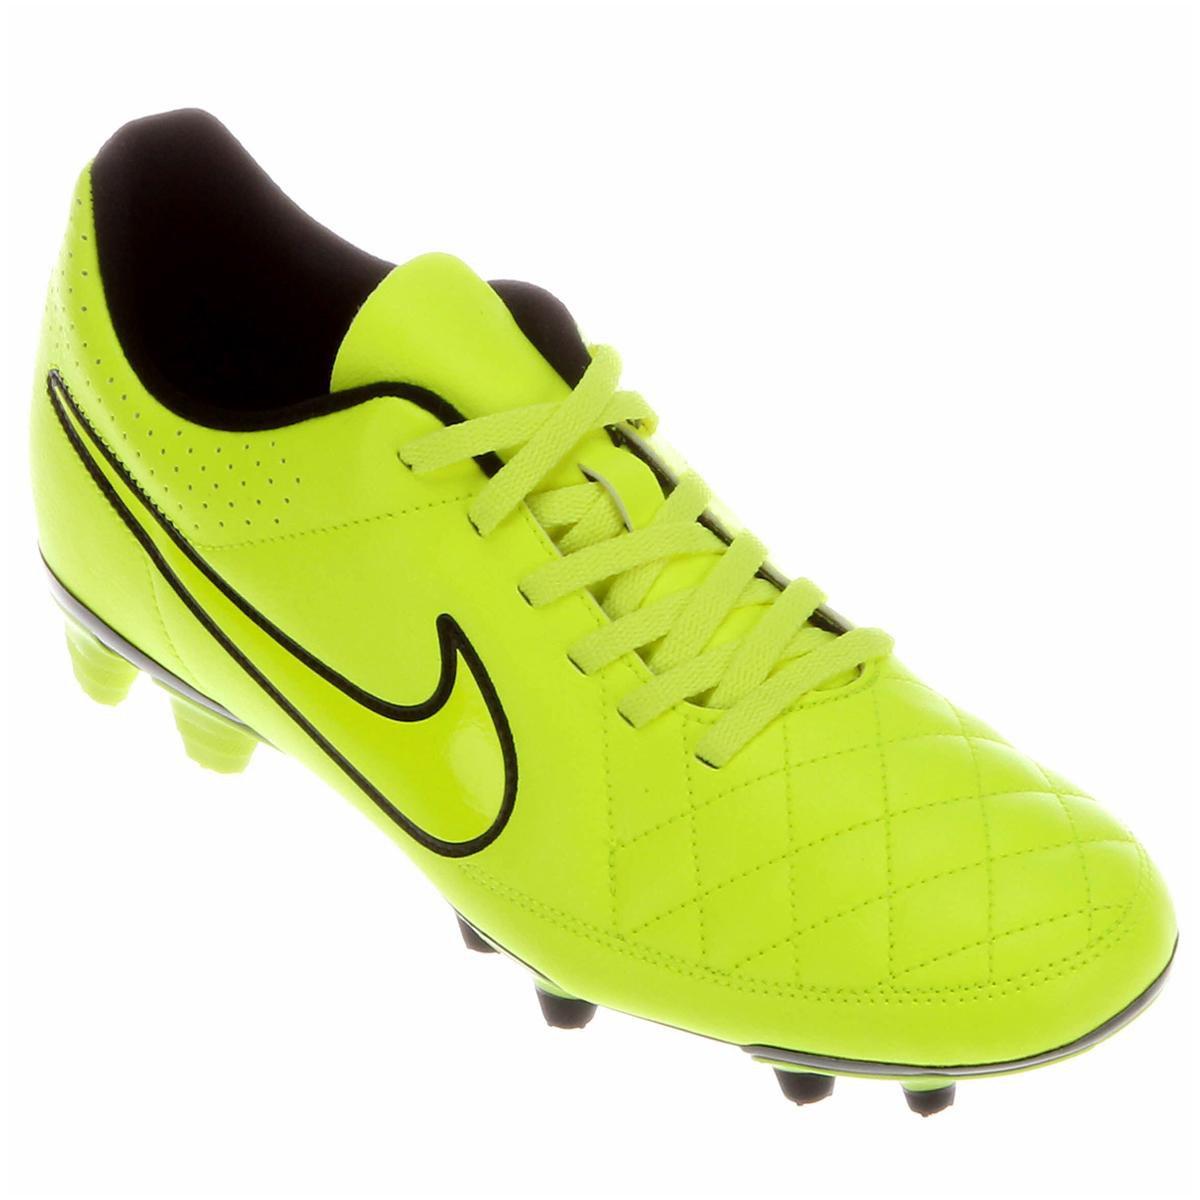 f03ade598b Chuteira Nike Tiempo Rio 2 FG Campo - Compre Agora